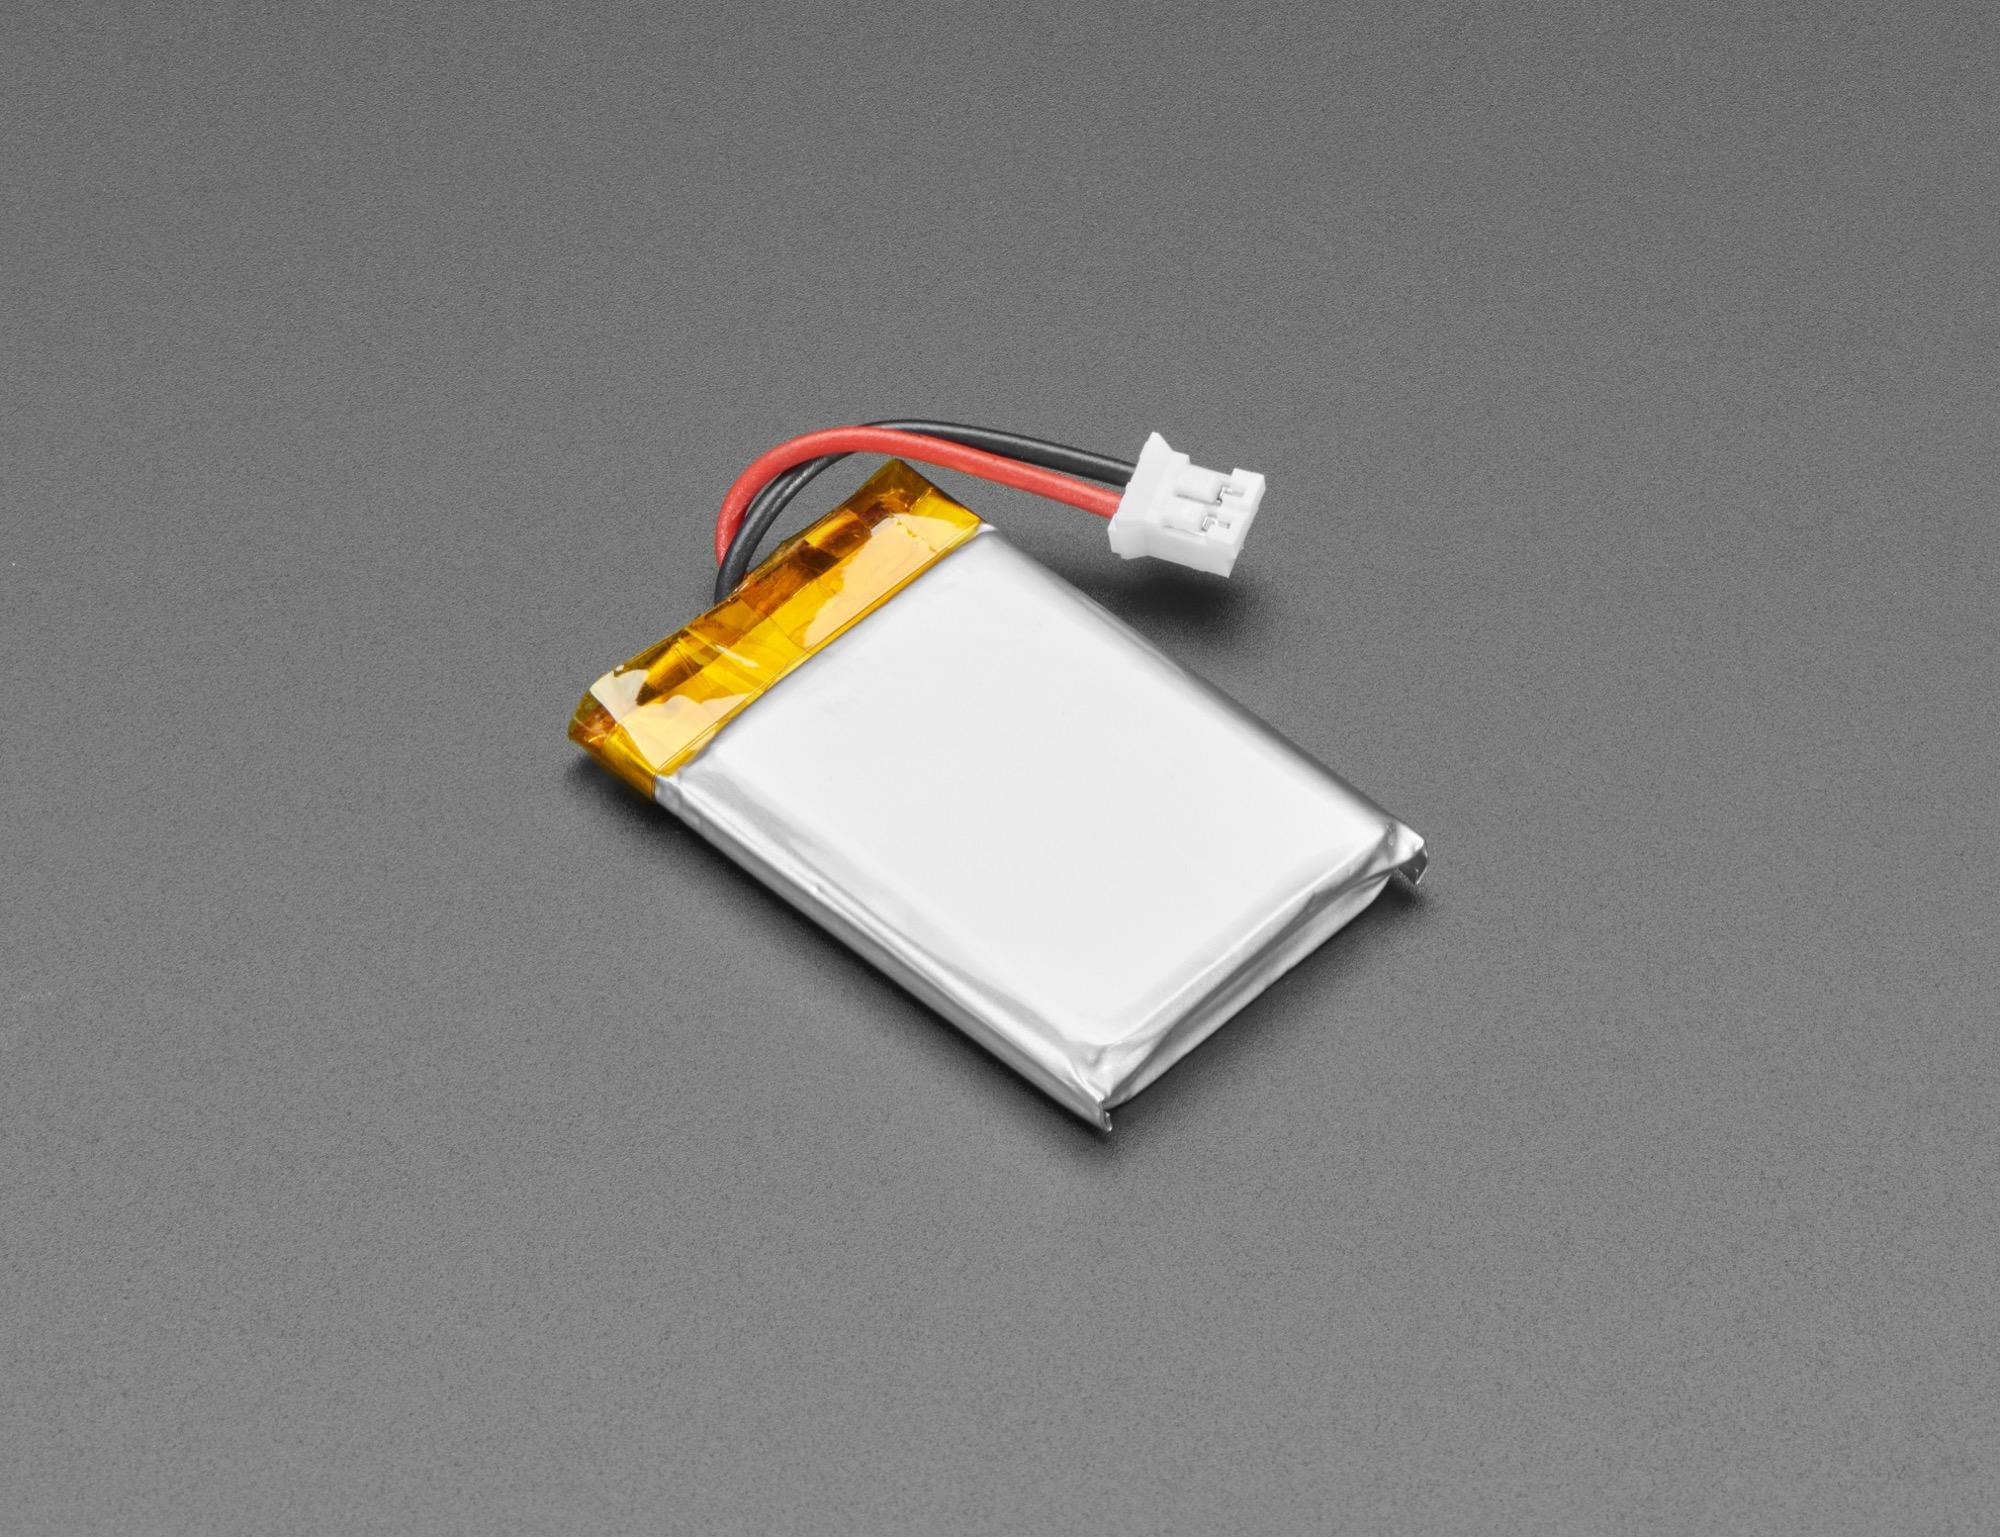 adabox_4571_battery_Iso__2k__2020_12.jpg